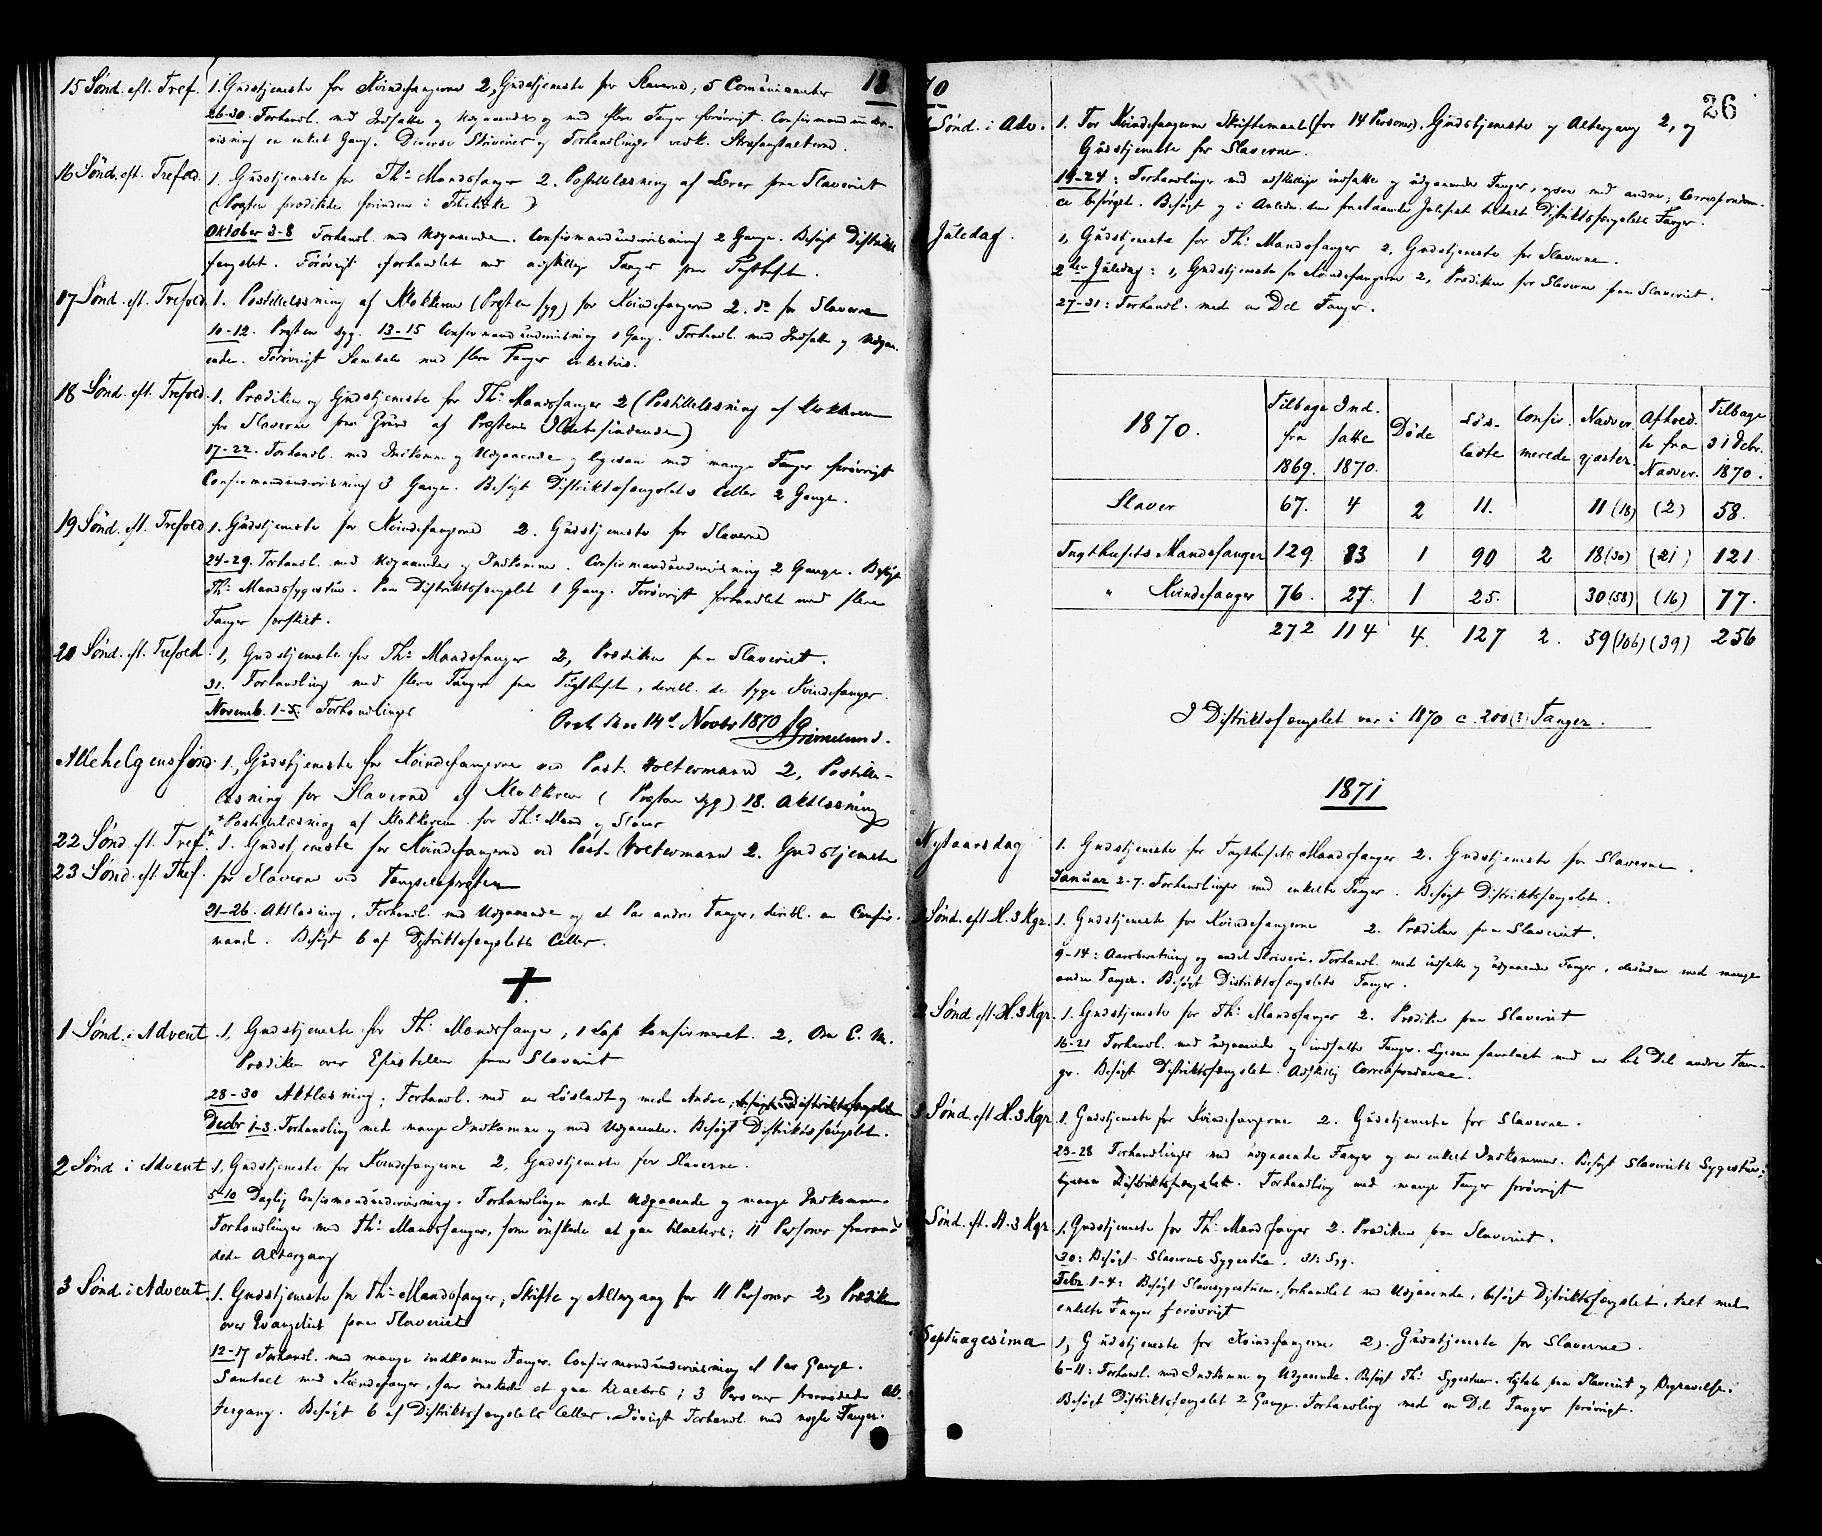 SAT, Ministerialprotokoller, klokkerbøker og fødselsregistre - Sør-Trøndelag, 624/L0482: Ministerialbok nr. 624A03, 1870-1918, s. 26